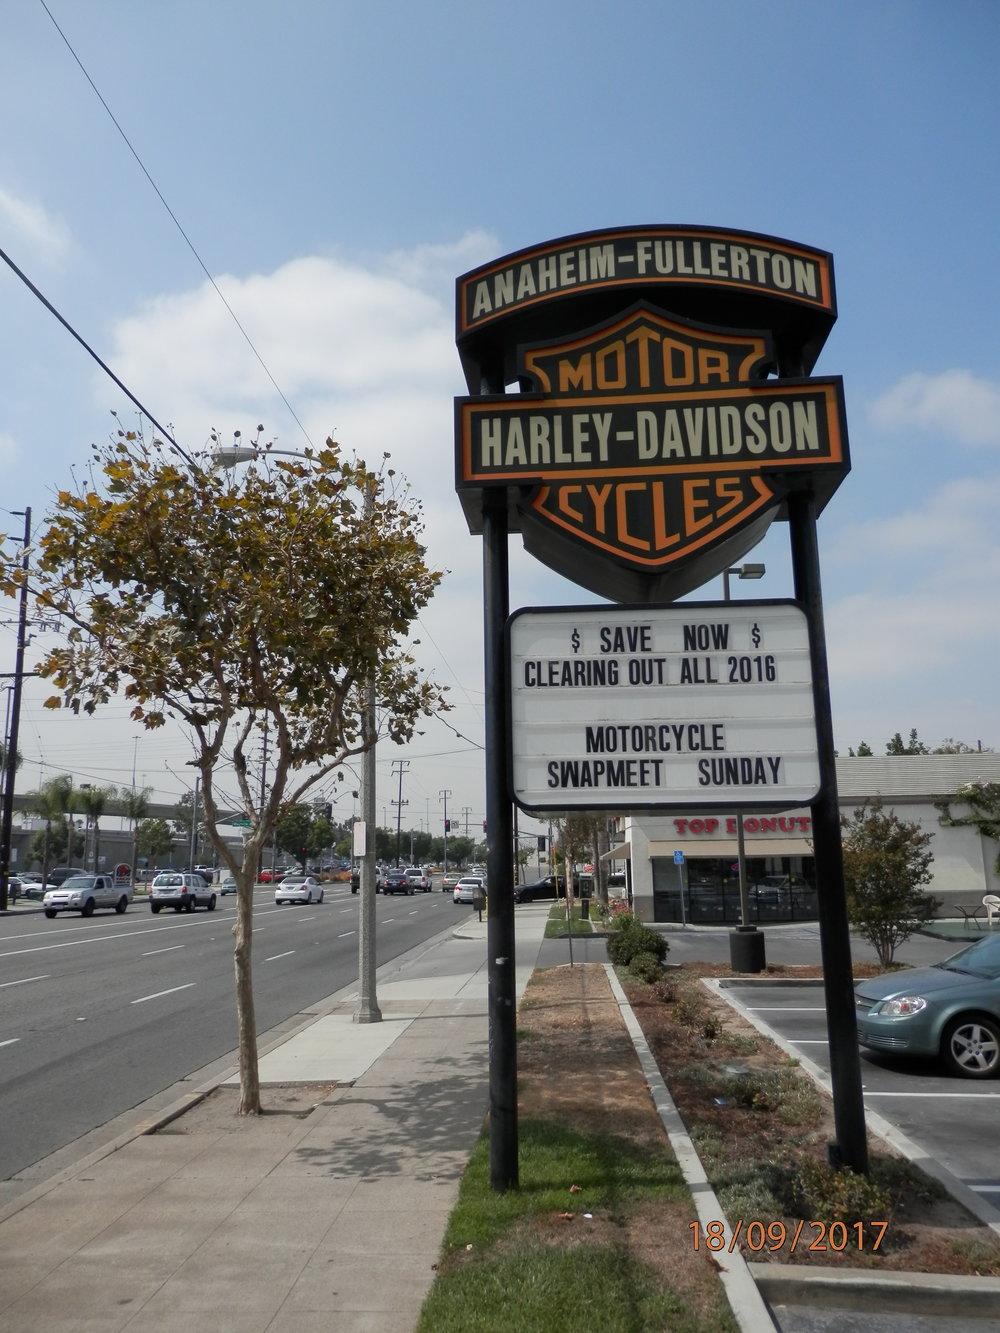 Oli hieno hetki palauttaa kaikki vuokrapyörät ehjänä Anaheimin Harley Davidson liikkeeseen.